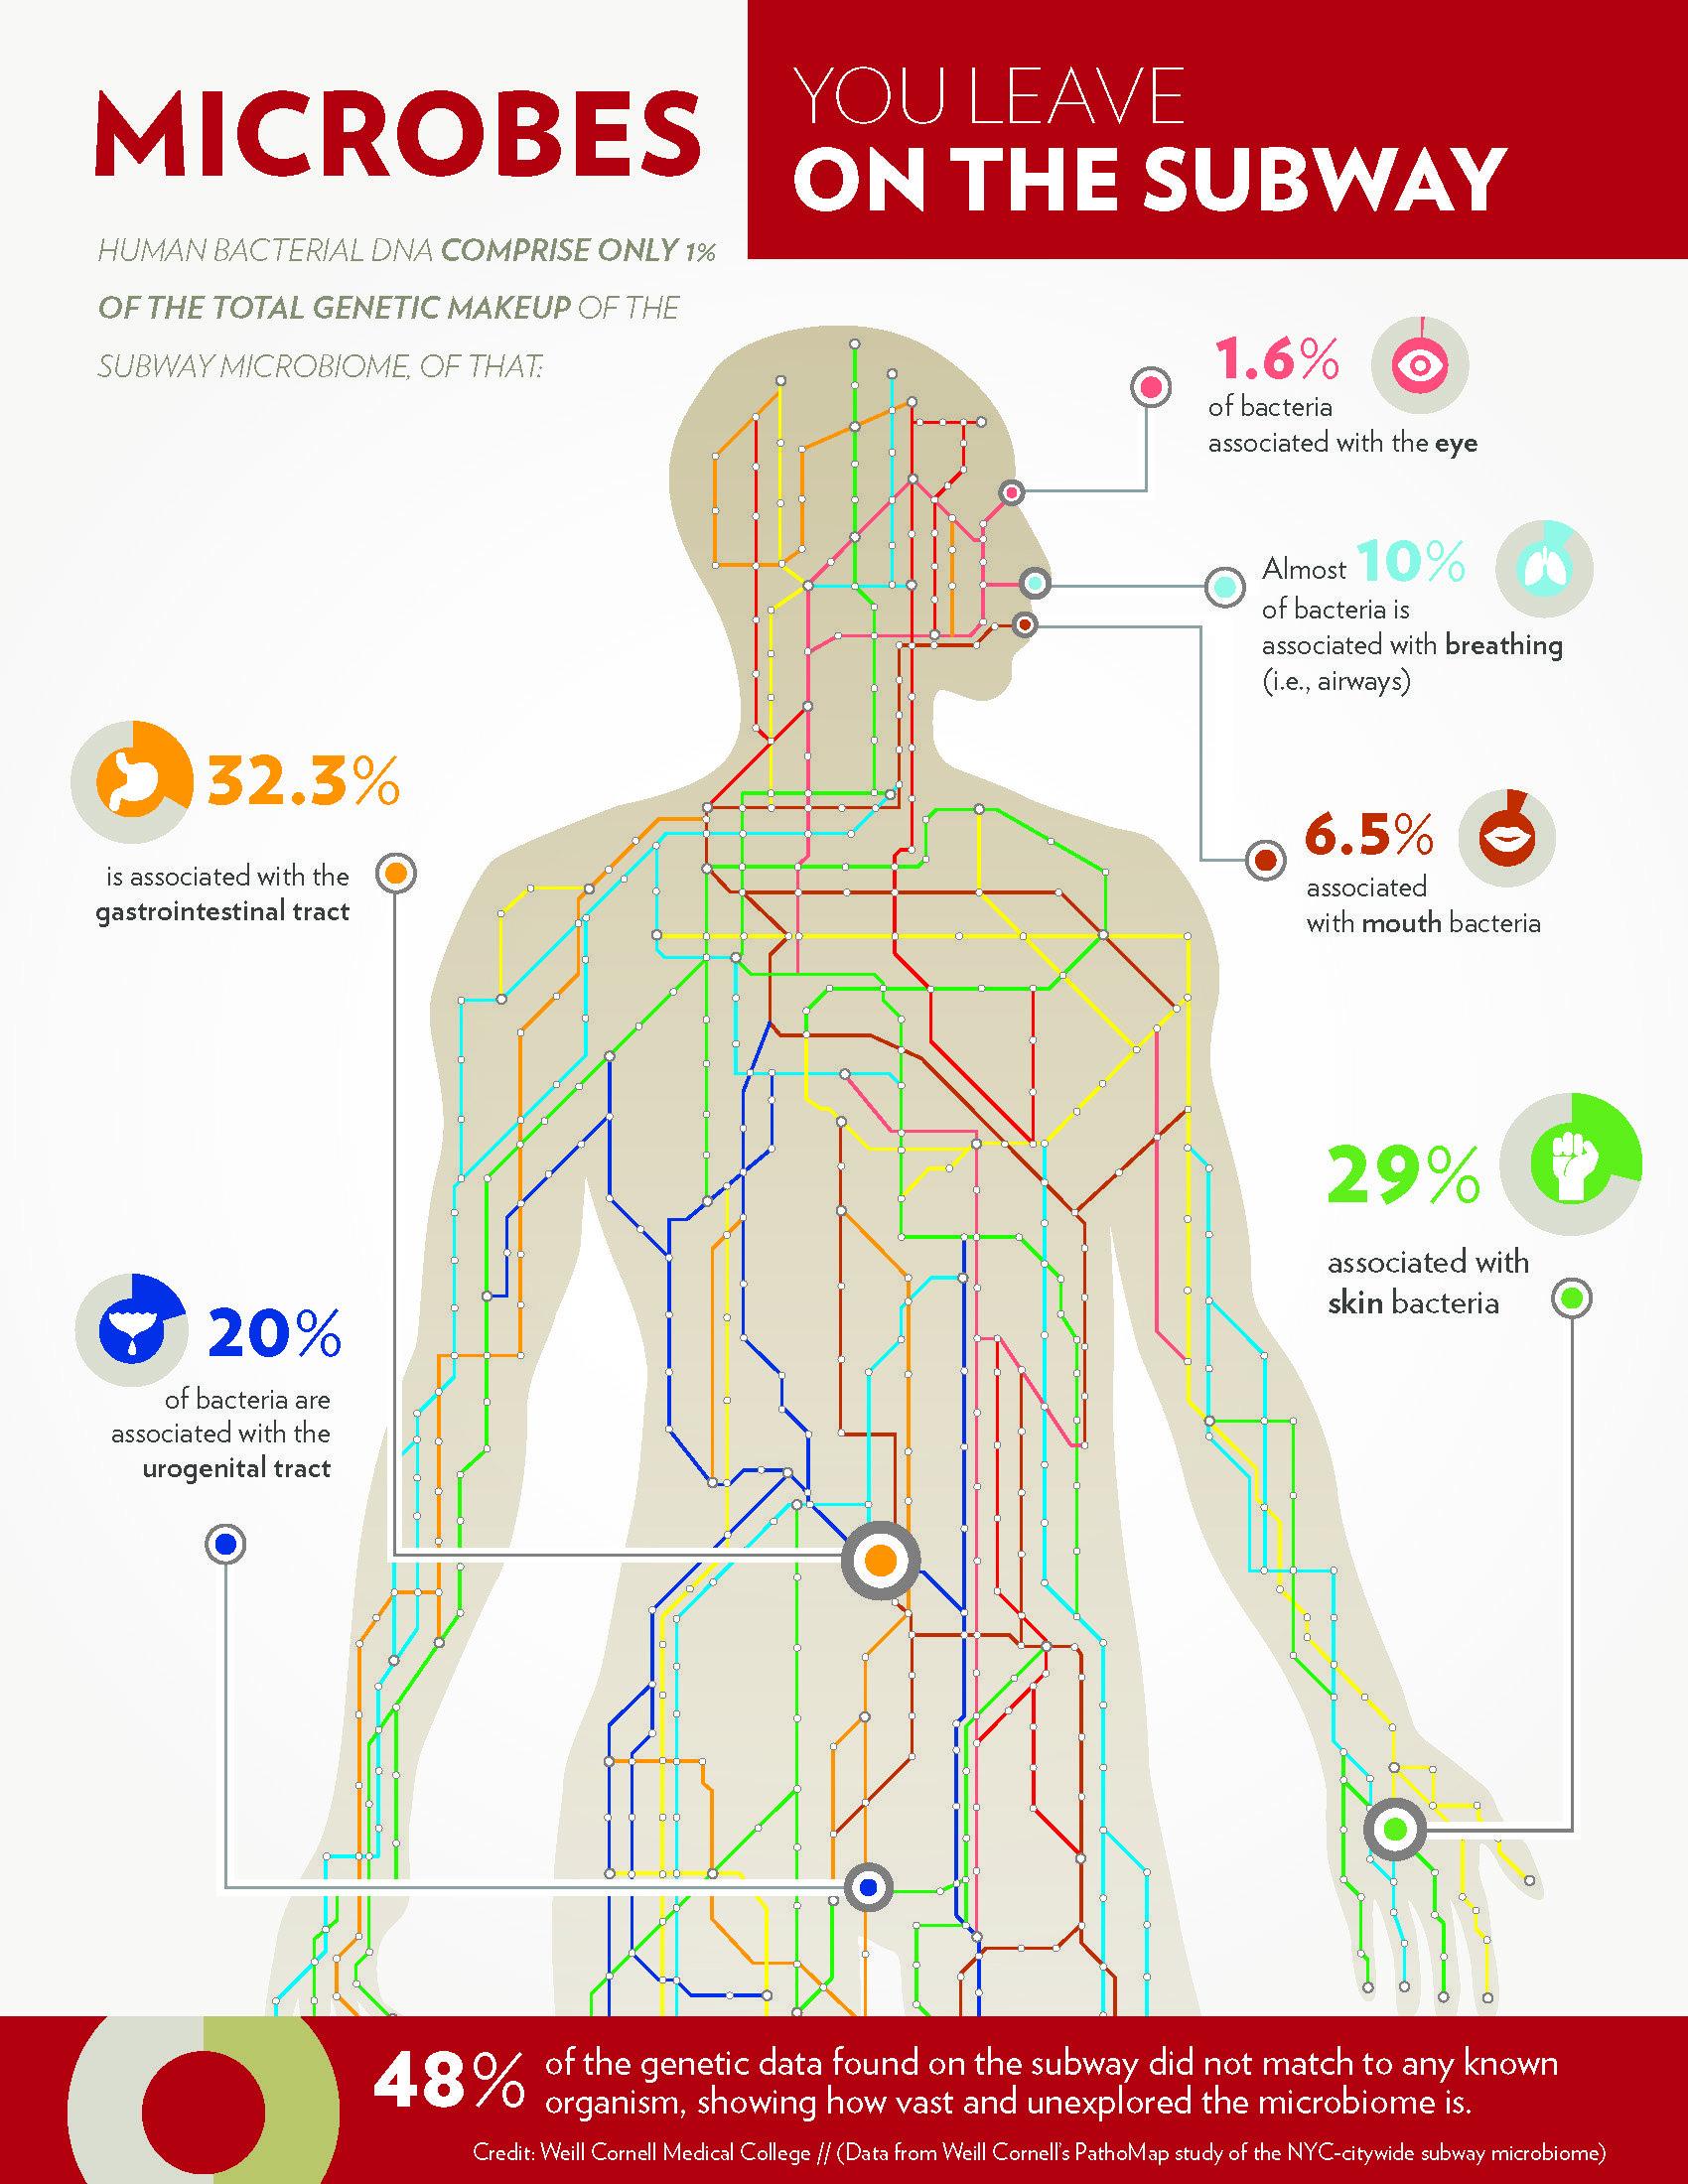 Erstaunlich: Fast die Hälfte der in New York gefundenen Mikroben konnten die Wissenschafter keinem bekanntem Lebewesen zuordnen. Im Land der Mikroben gibt es also noch viel zu erforschen.